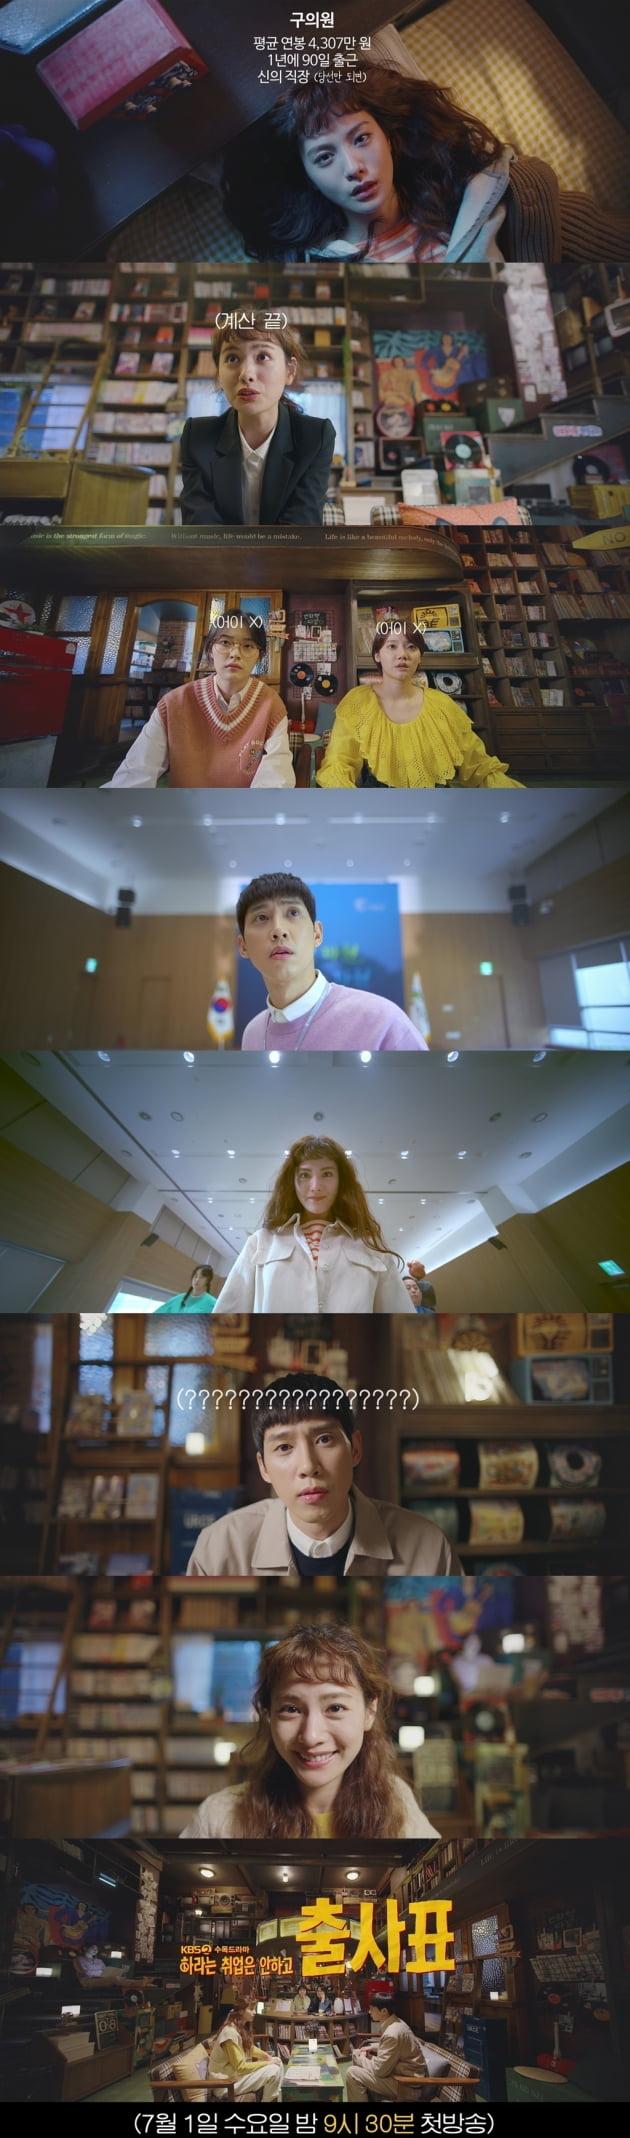 '출사표' 3차 티저 영상 캡처/ 사진=KBS2 제공